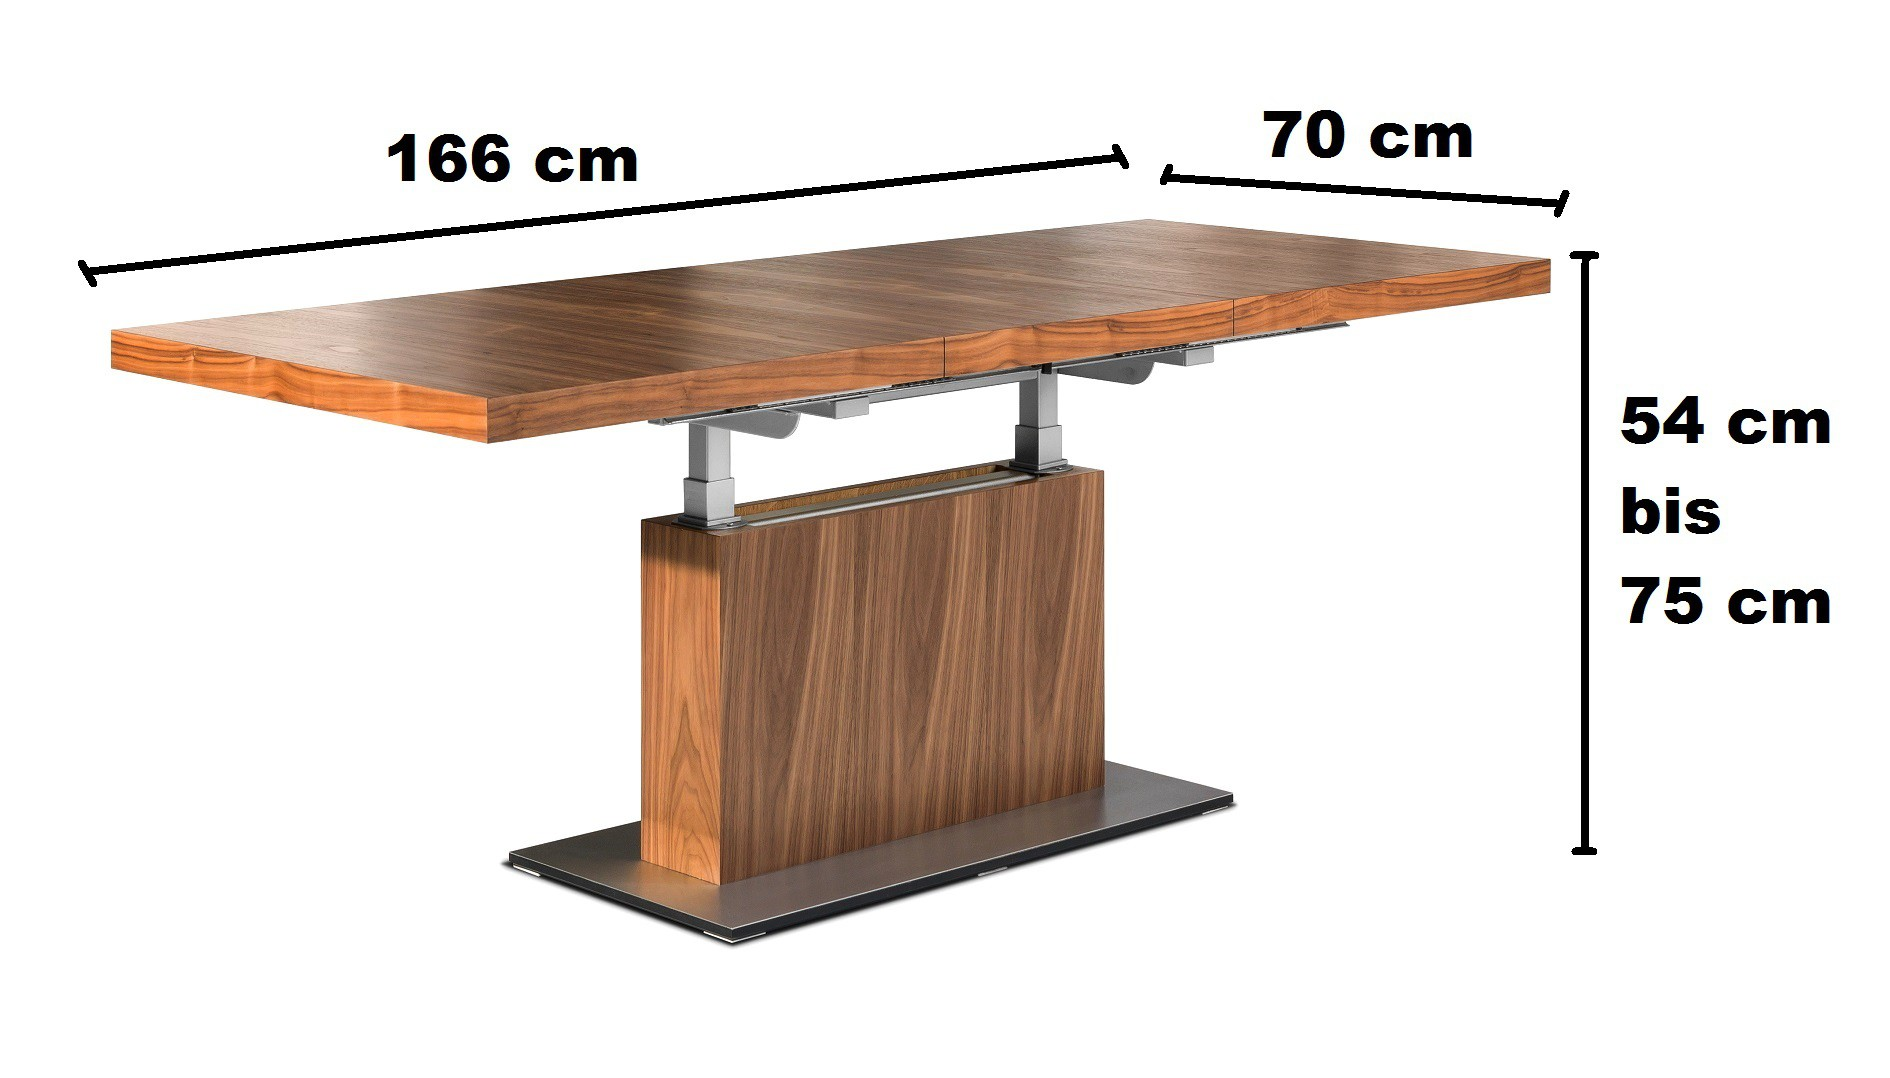 Design couchtisch tisch mn 7 walnuss nussbaum for Tisch design ausziehbar